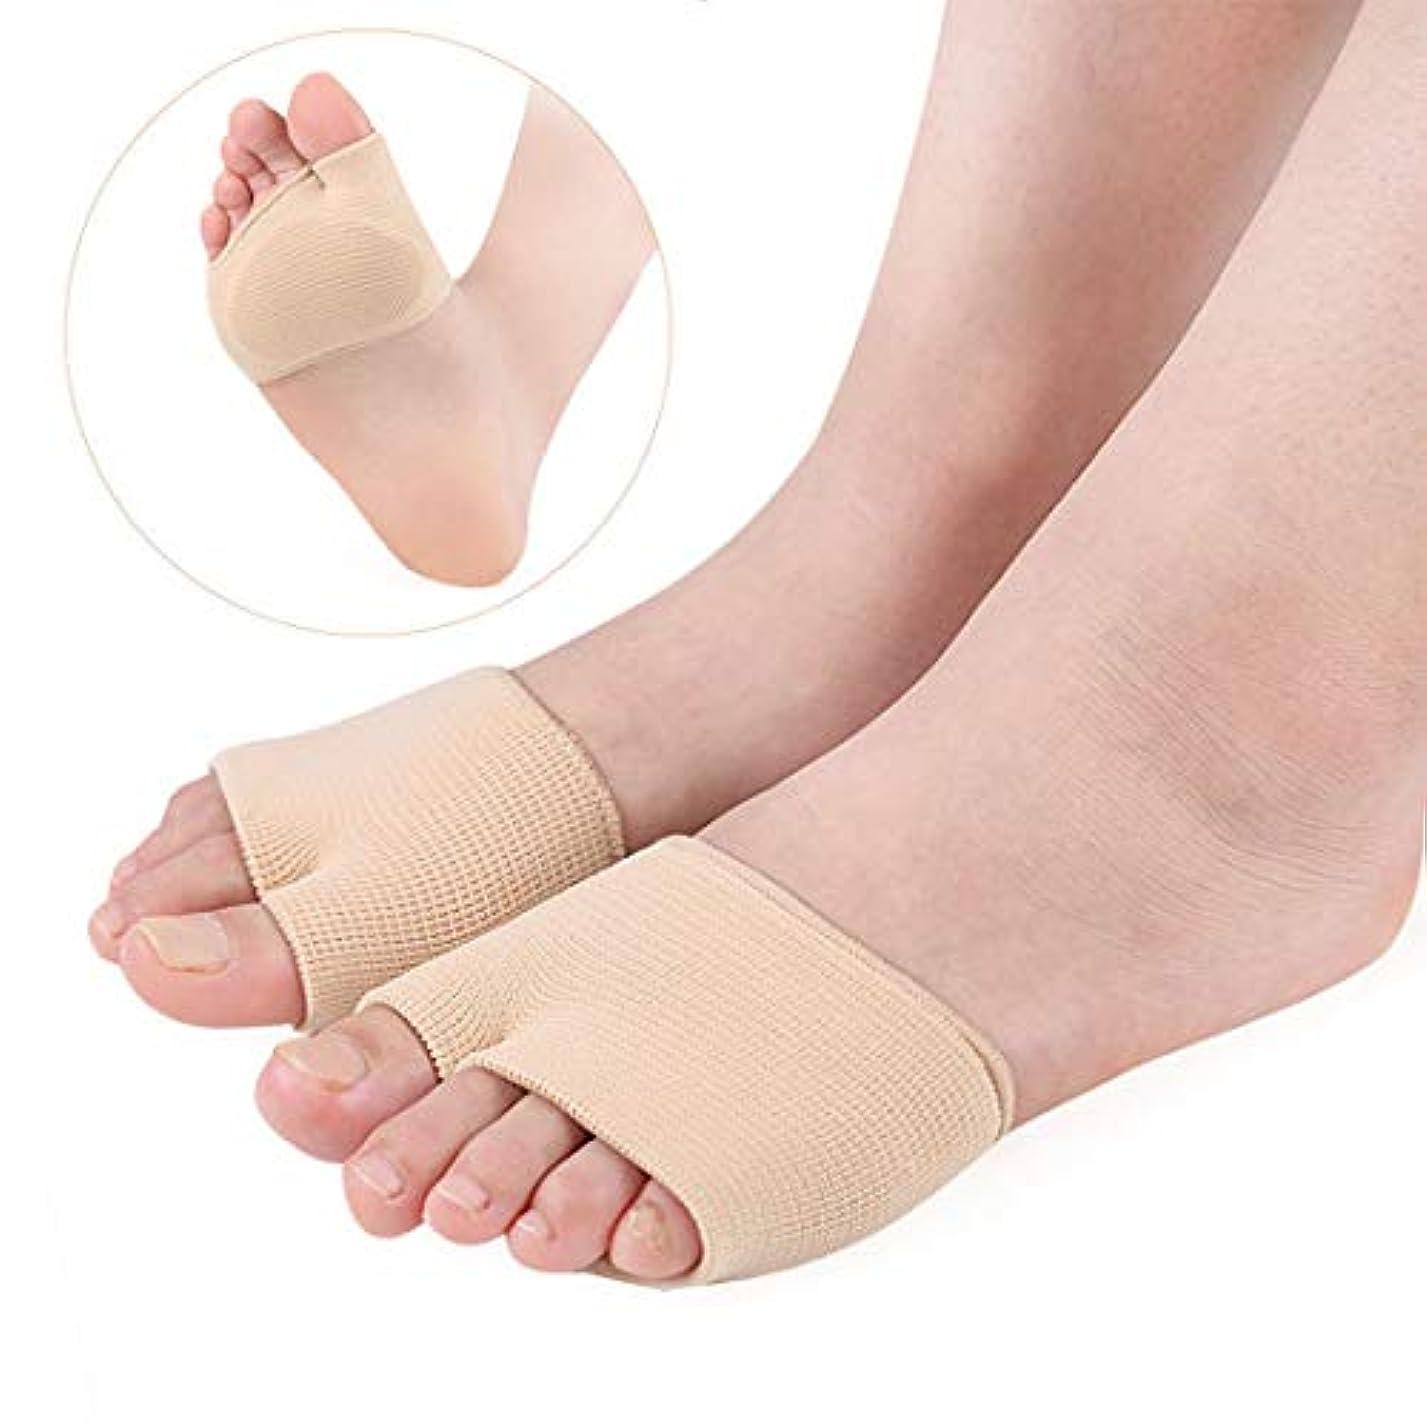 壮大な書店驚いたことに腱膜瘤矯正と腱膜瘤救済、女性と男性のための整形外科の足の親指矯正、昼夜のサポート、外反母Valの治療と予防,S